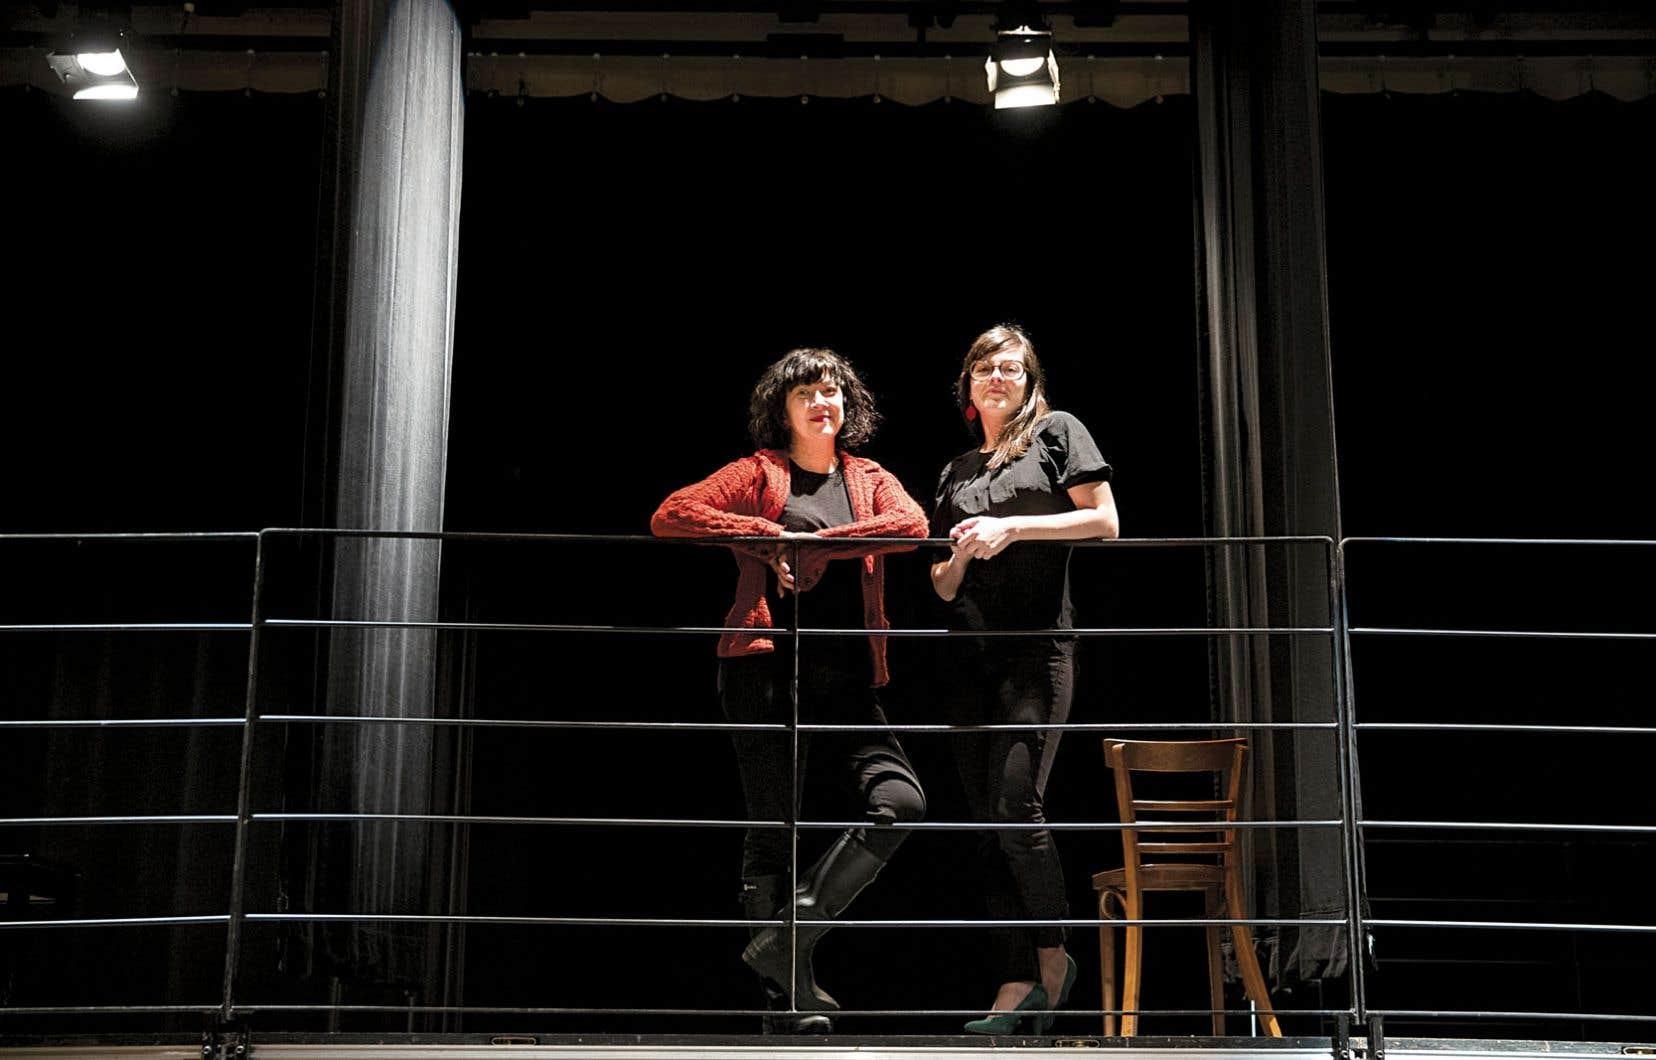 C'est Marie Brassard que Sophie Cadieux a choisie pour mettre en scène ce spectacle pour sept actrices intitulé La fureur de ce que je pense.